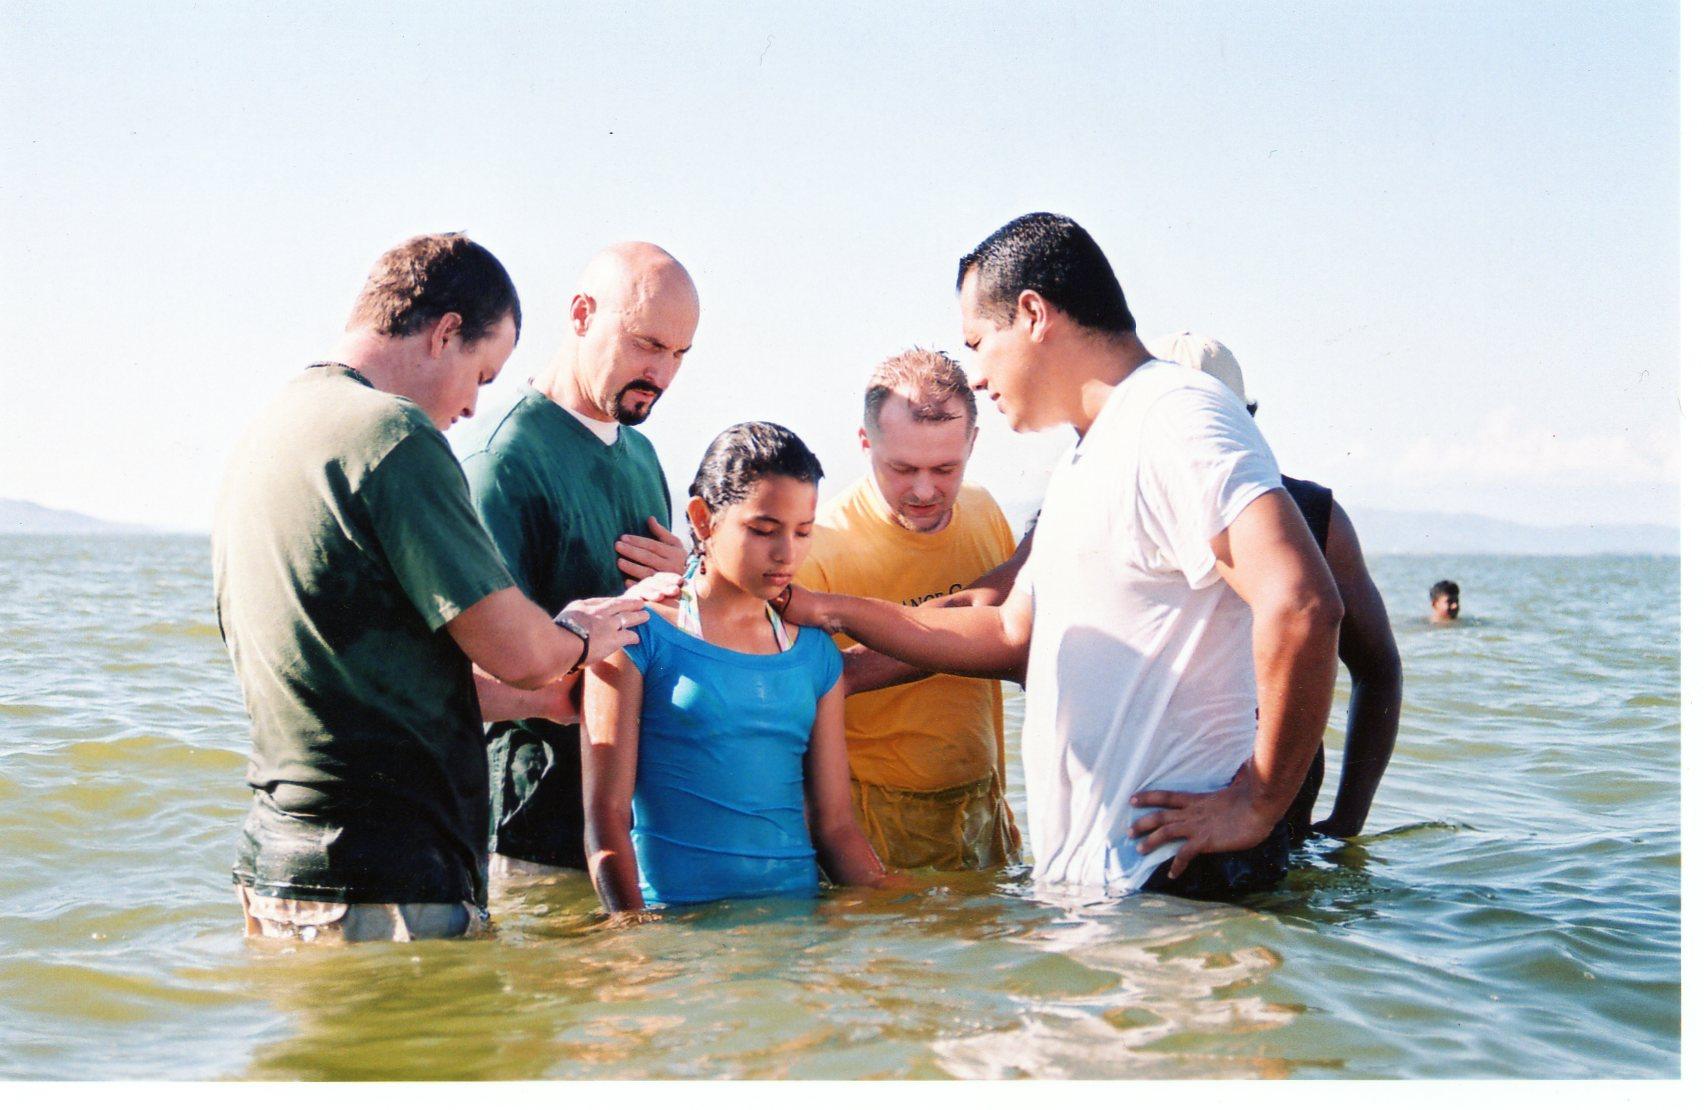 Ocean side baptisms